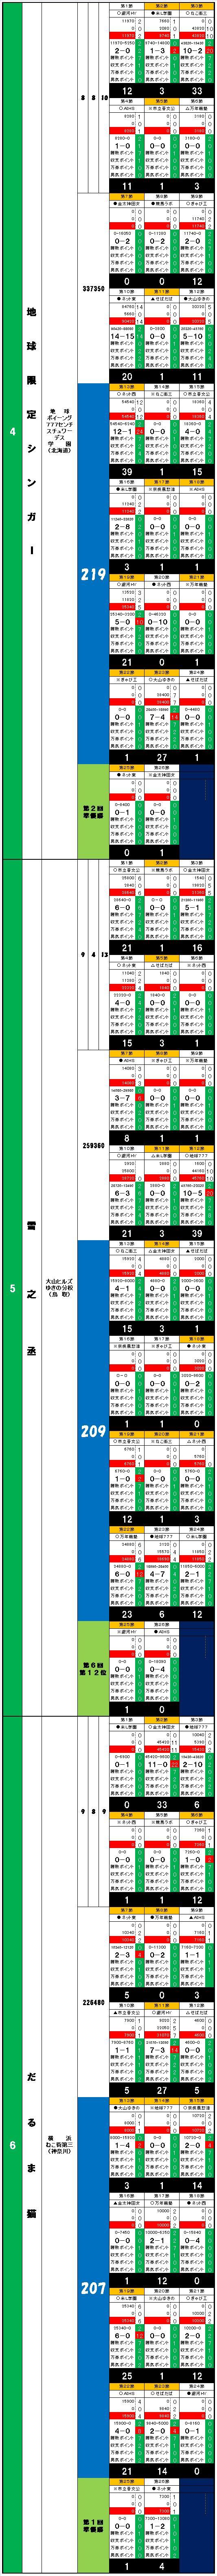 20160619・ダルマンリーグ第26節後半終了個人成績データ②.jpg